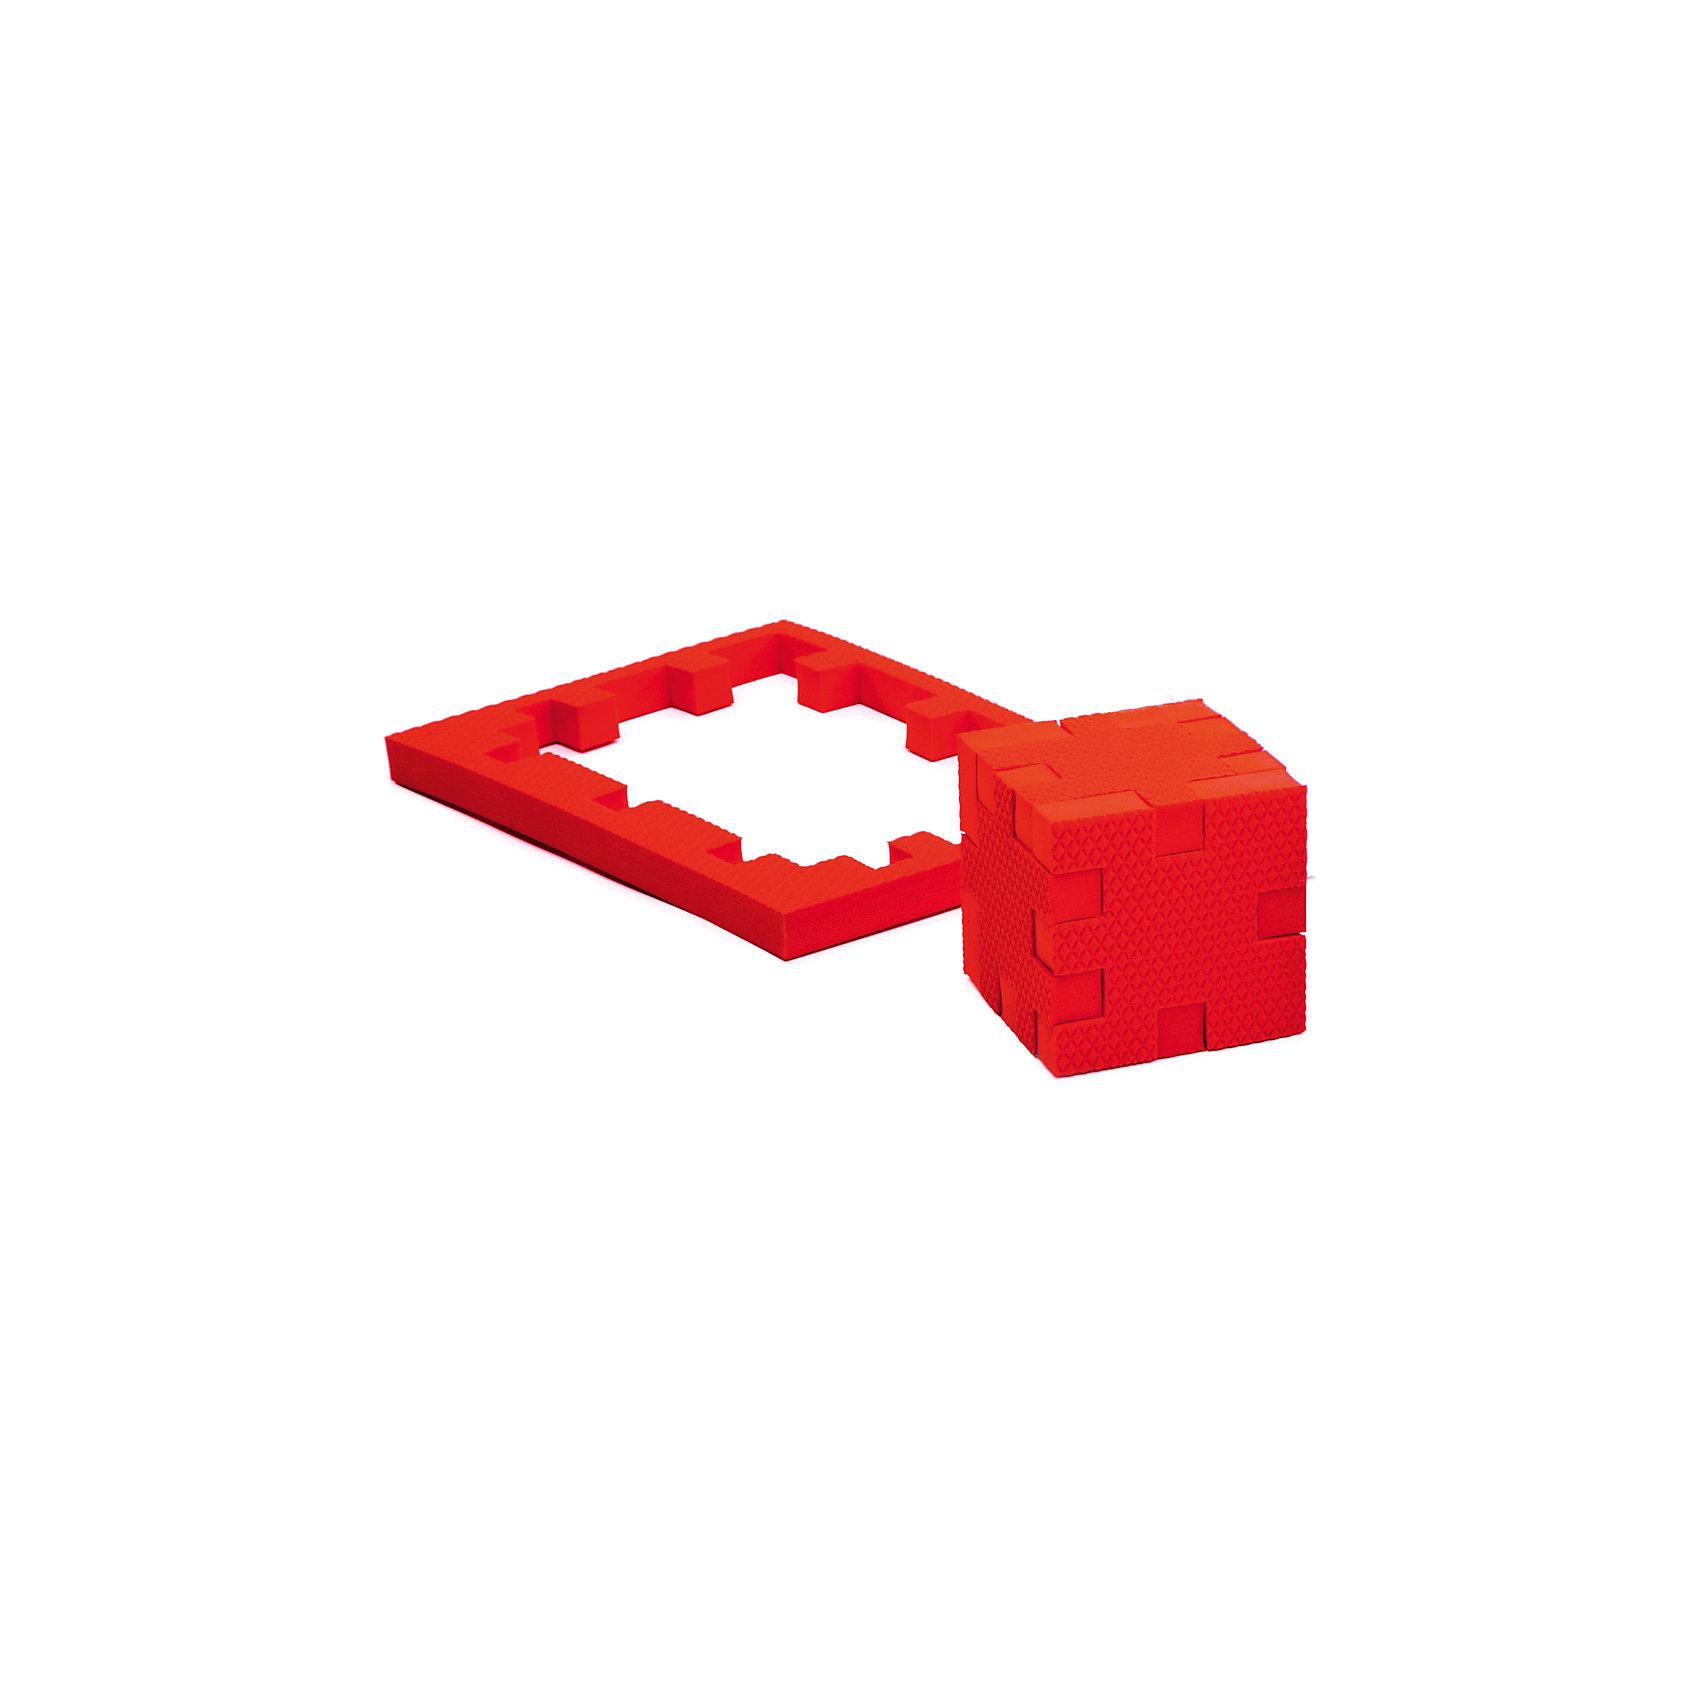 Пазл-конструктор Рубин, PicnMixИгры для дошкольников<br>Рубин - уникальный пазл-конструктор из серии Кубикформ от PicnMix, который поможет развить логику, мелкую моторику и пространственное восприятие. Ребенок сможет собрать пазл, кубик и различные геометрические фигуры. Для начала можно следовать инструкции, а узнав, как устроен чудо-пазл, придумать свои собственные творения. Кроме того, с конструктором Рубин можно смело играть в воде. <br>Пазл-конструктор Рубин - замечательный подарок для юных строителей!<br><br>Дополнительная информация:<br>Цвет: красный<br>Материал: ЭВА(вспененный полимер)<br>Размер упаковки: 21,5х1,5х15,5 см<br>Вес: 45 грамм<br><br>Пазл-конструктор Рубин от PicnMix можно приобрести в нашем интернет-магазине.<br><br>Ширина мм: 215<br>Глубина мм: 15<br>Высота мм: 160<br>Вес г: 50<br>Возраст от месяцев: 36<br>Возраст до месяцев: 60<br>Пол: Унисекс<br>Возраст: Детский<br>SKU: 5008788